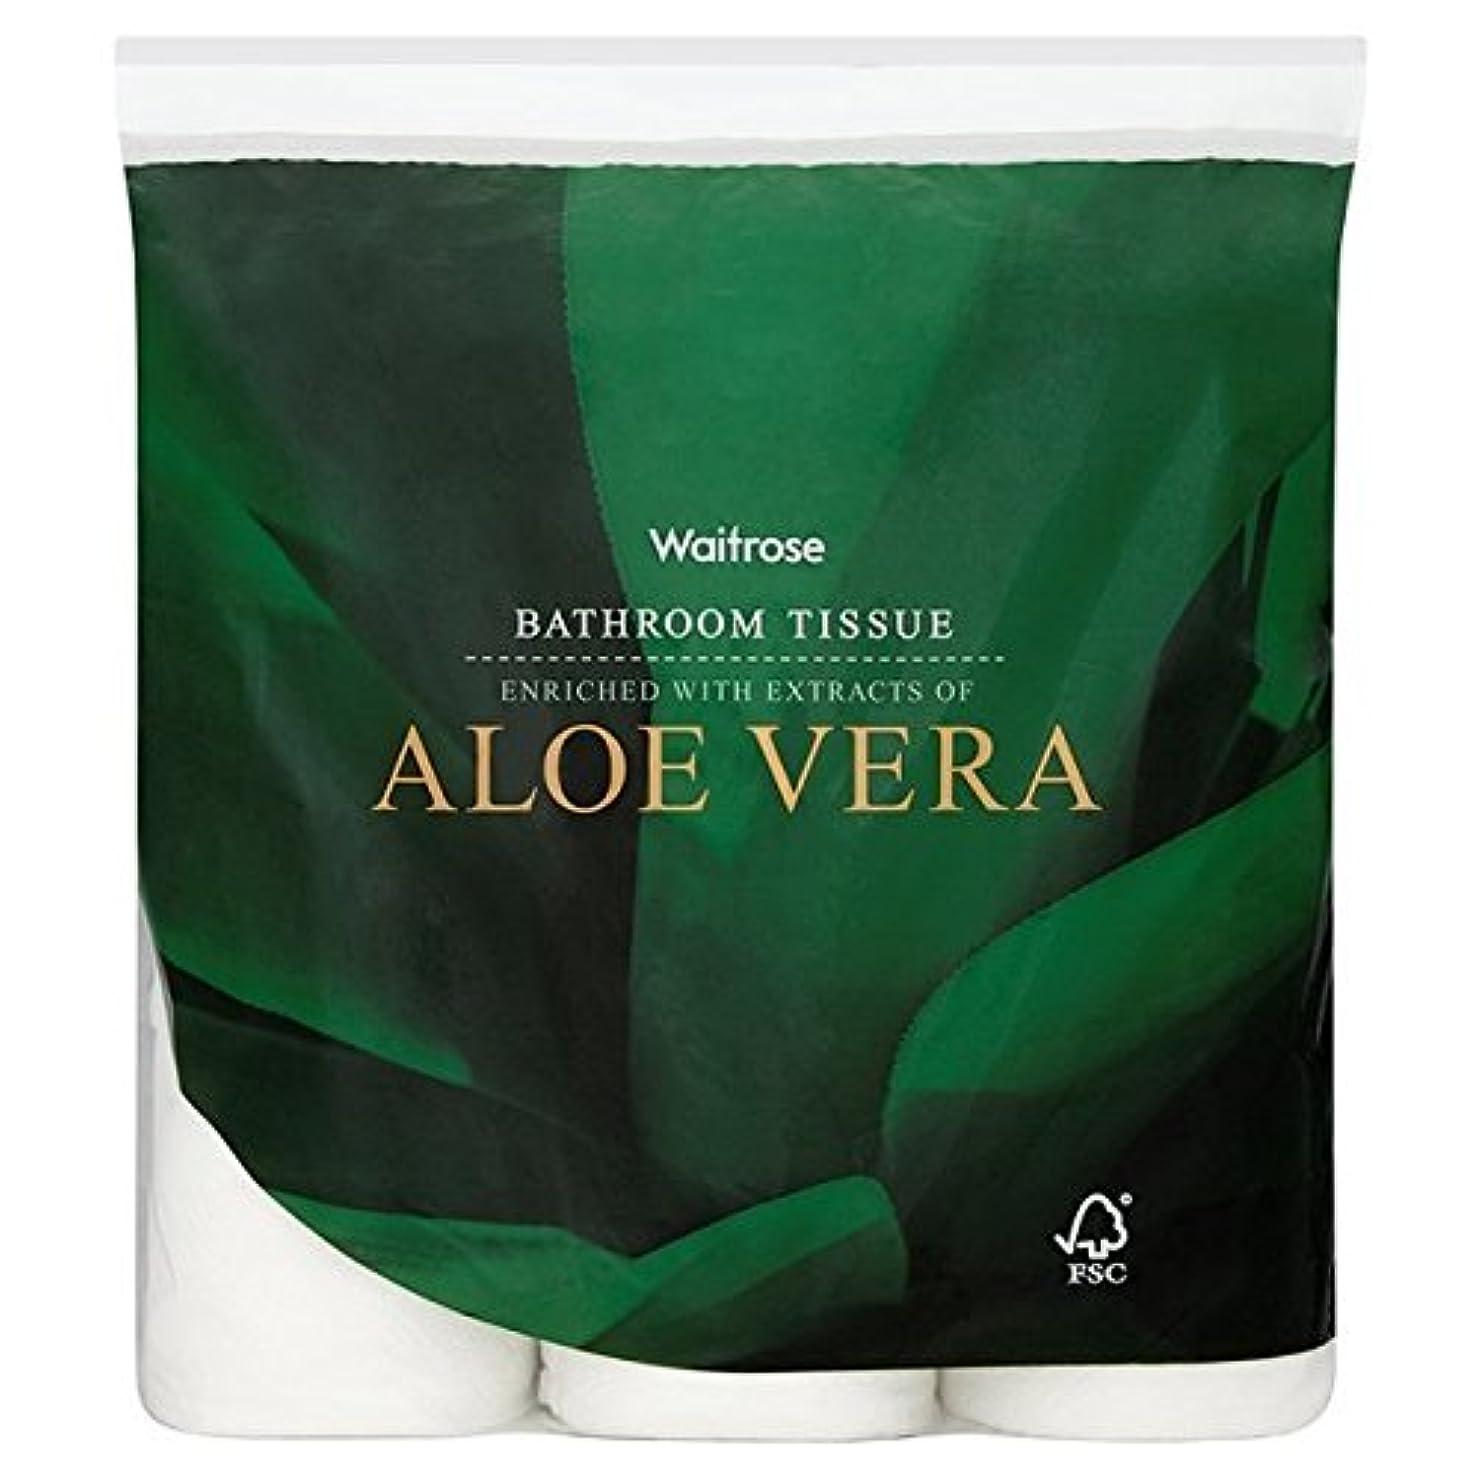 裏切り者陰気束パックあたりアロエベラ浴室組織白ウェイトローズ9 x2 - Aloe Vera Bathroom Tissue White Waitrose 9 per pack (Pack of 2) [並行輸入品]